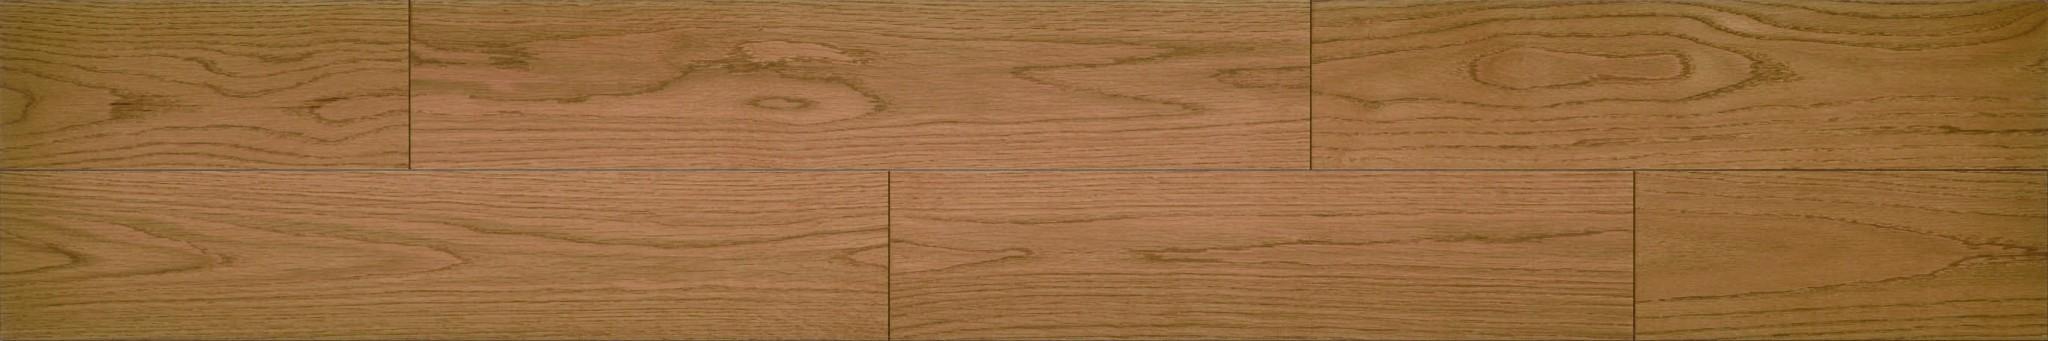 HVK2A3405M  1818×303×12mm×6片-白橡实木多层